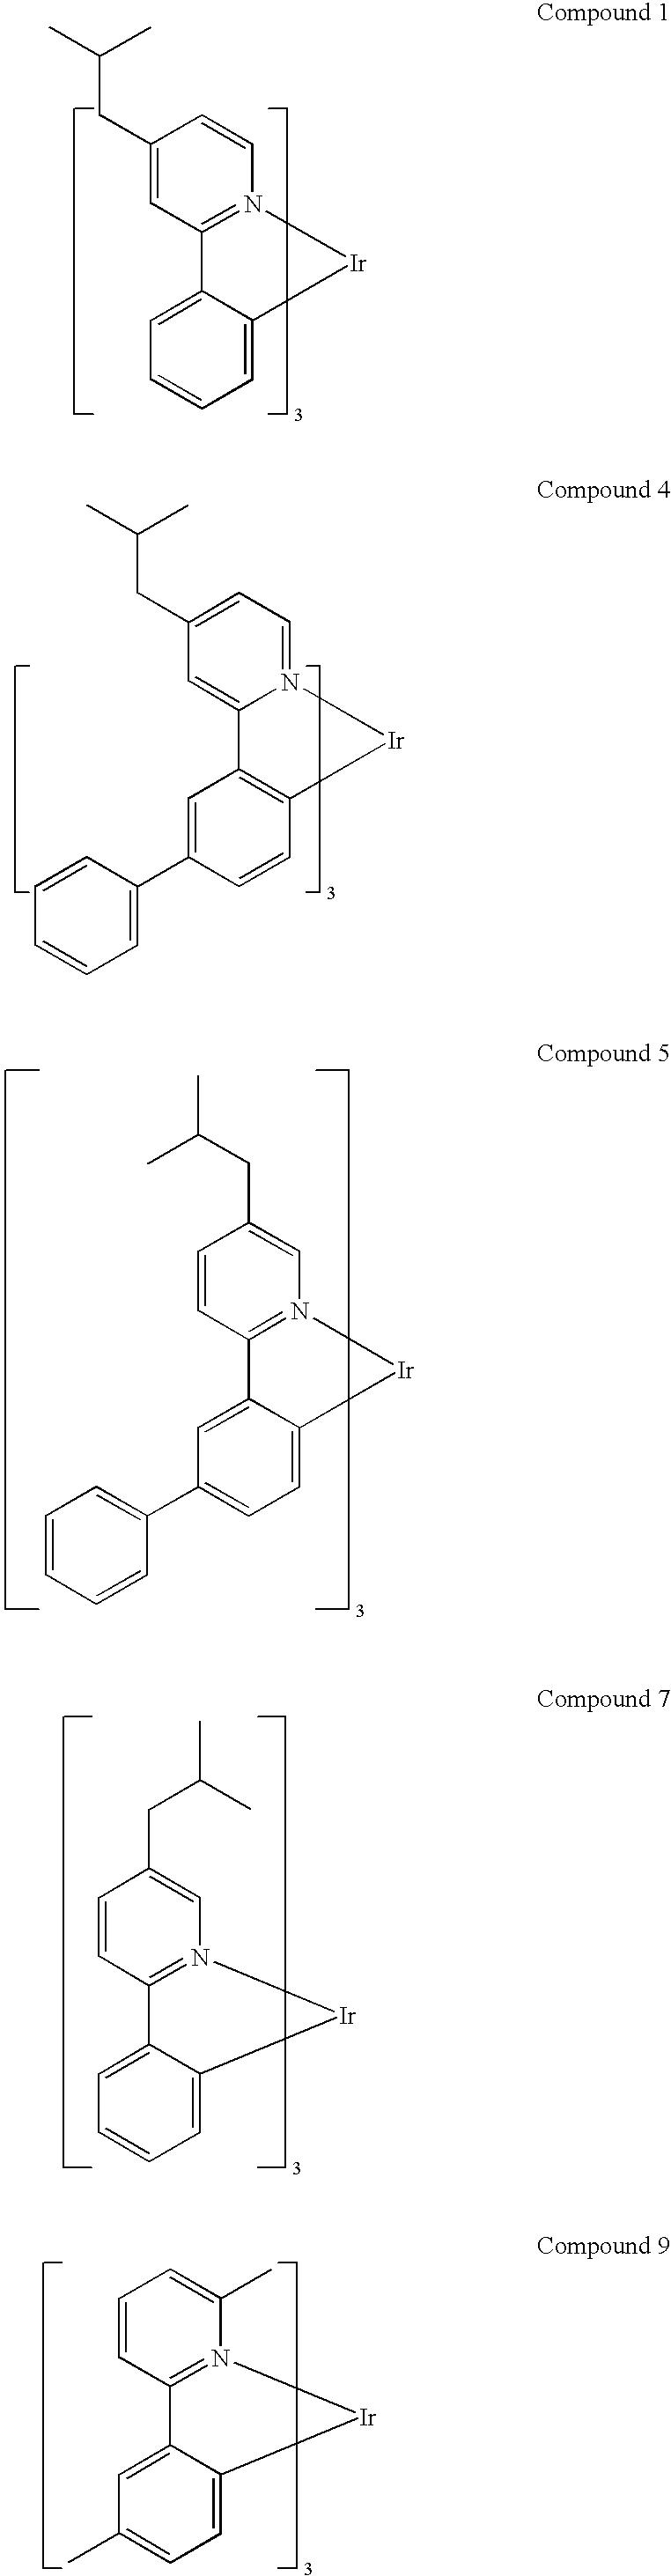 Figure US20090108737A1-20090430-C00007